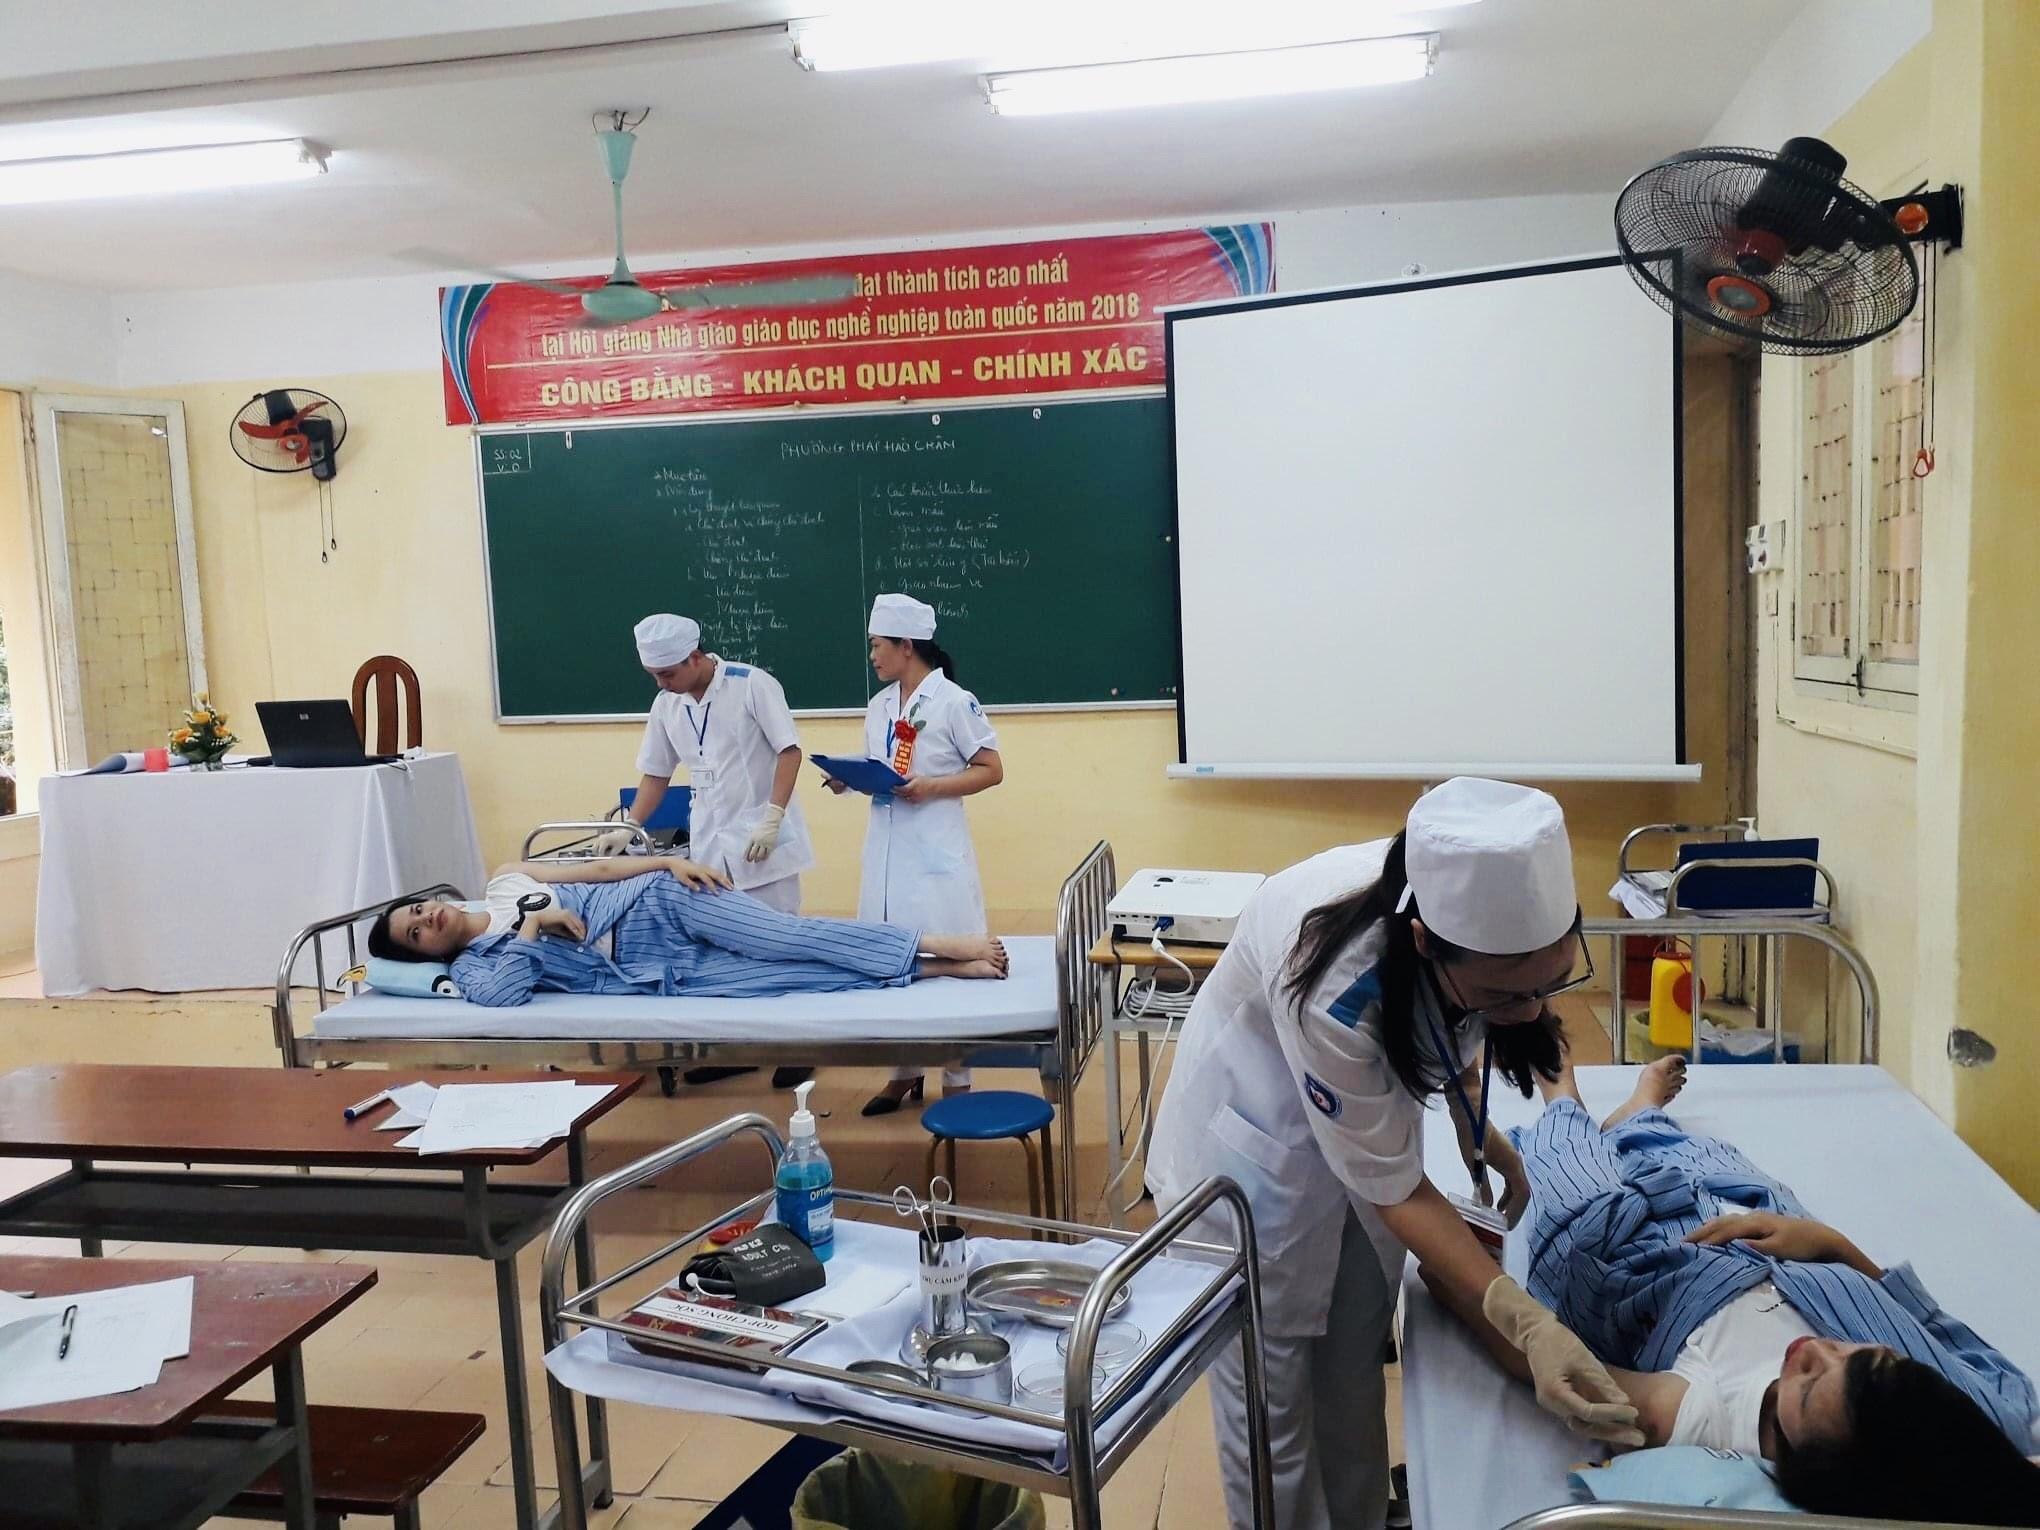 Tiết học thi Hội Giảng GVGD của cô Hà